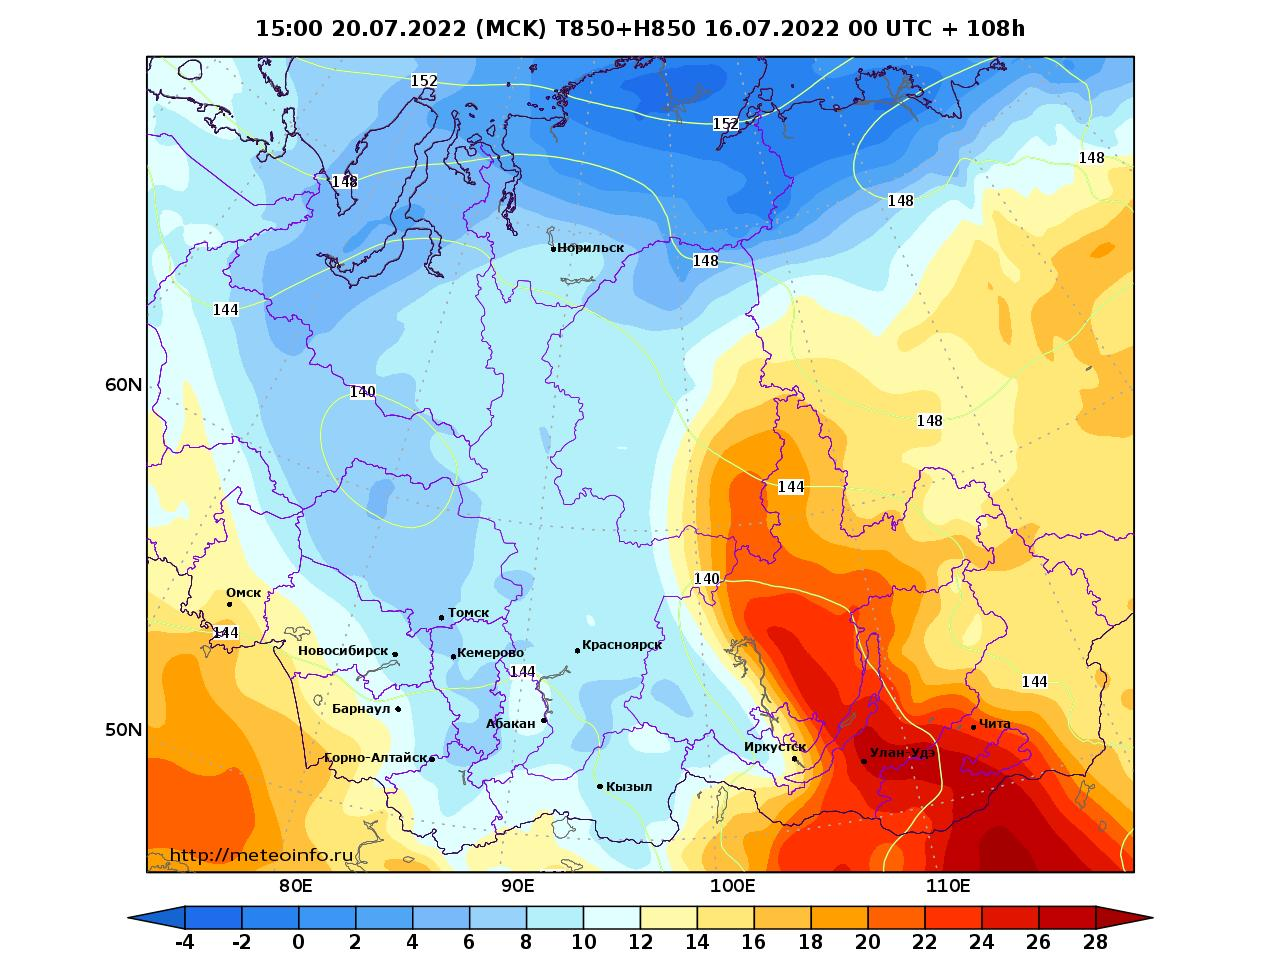 Сибирский Федеральный округ, прогностическая карта температура T850 и геопотенциал H850, заблаговременность прогноза 108 часов